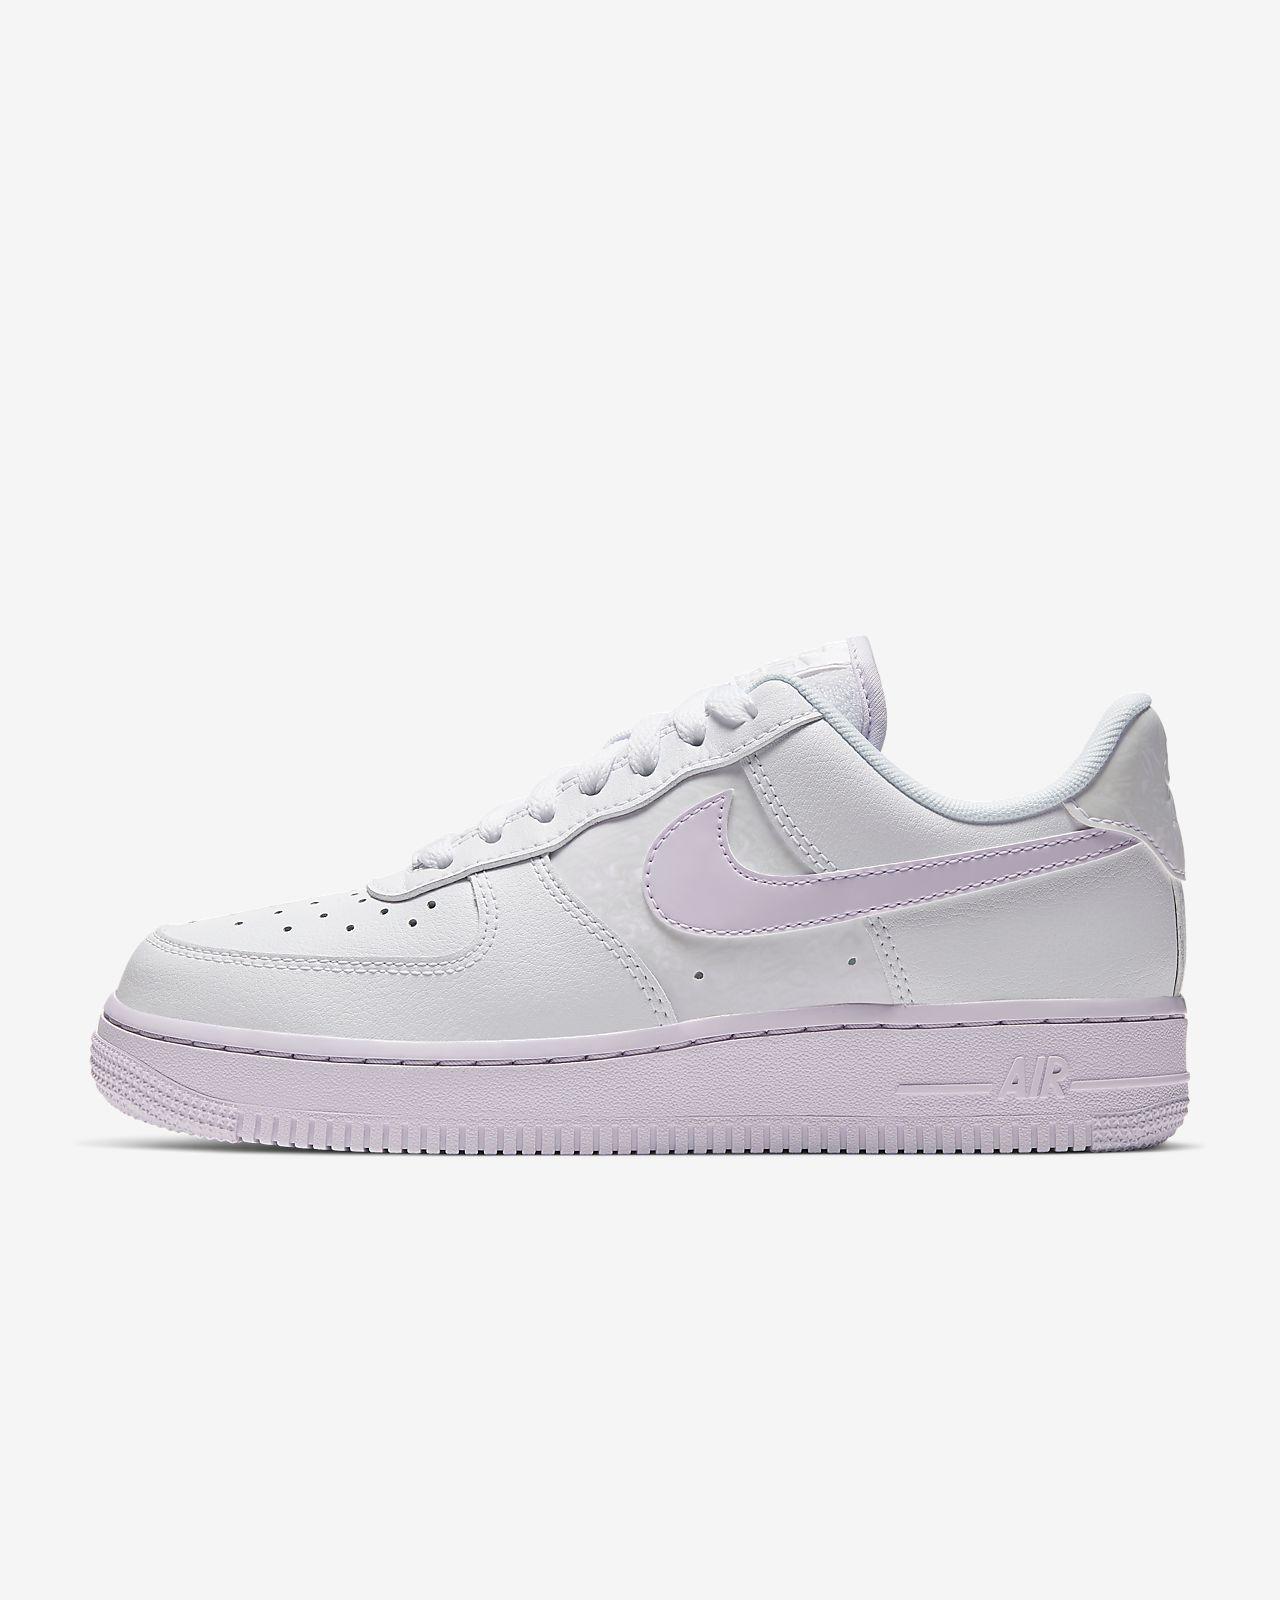 Nike Air Force 1 '07 in 2020 | Nike shoes air force, Nike